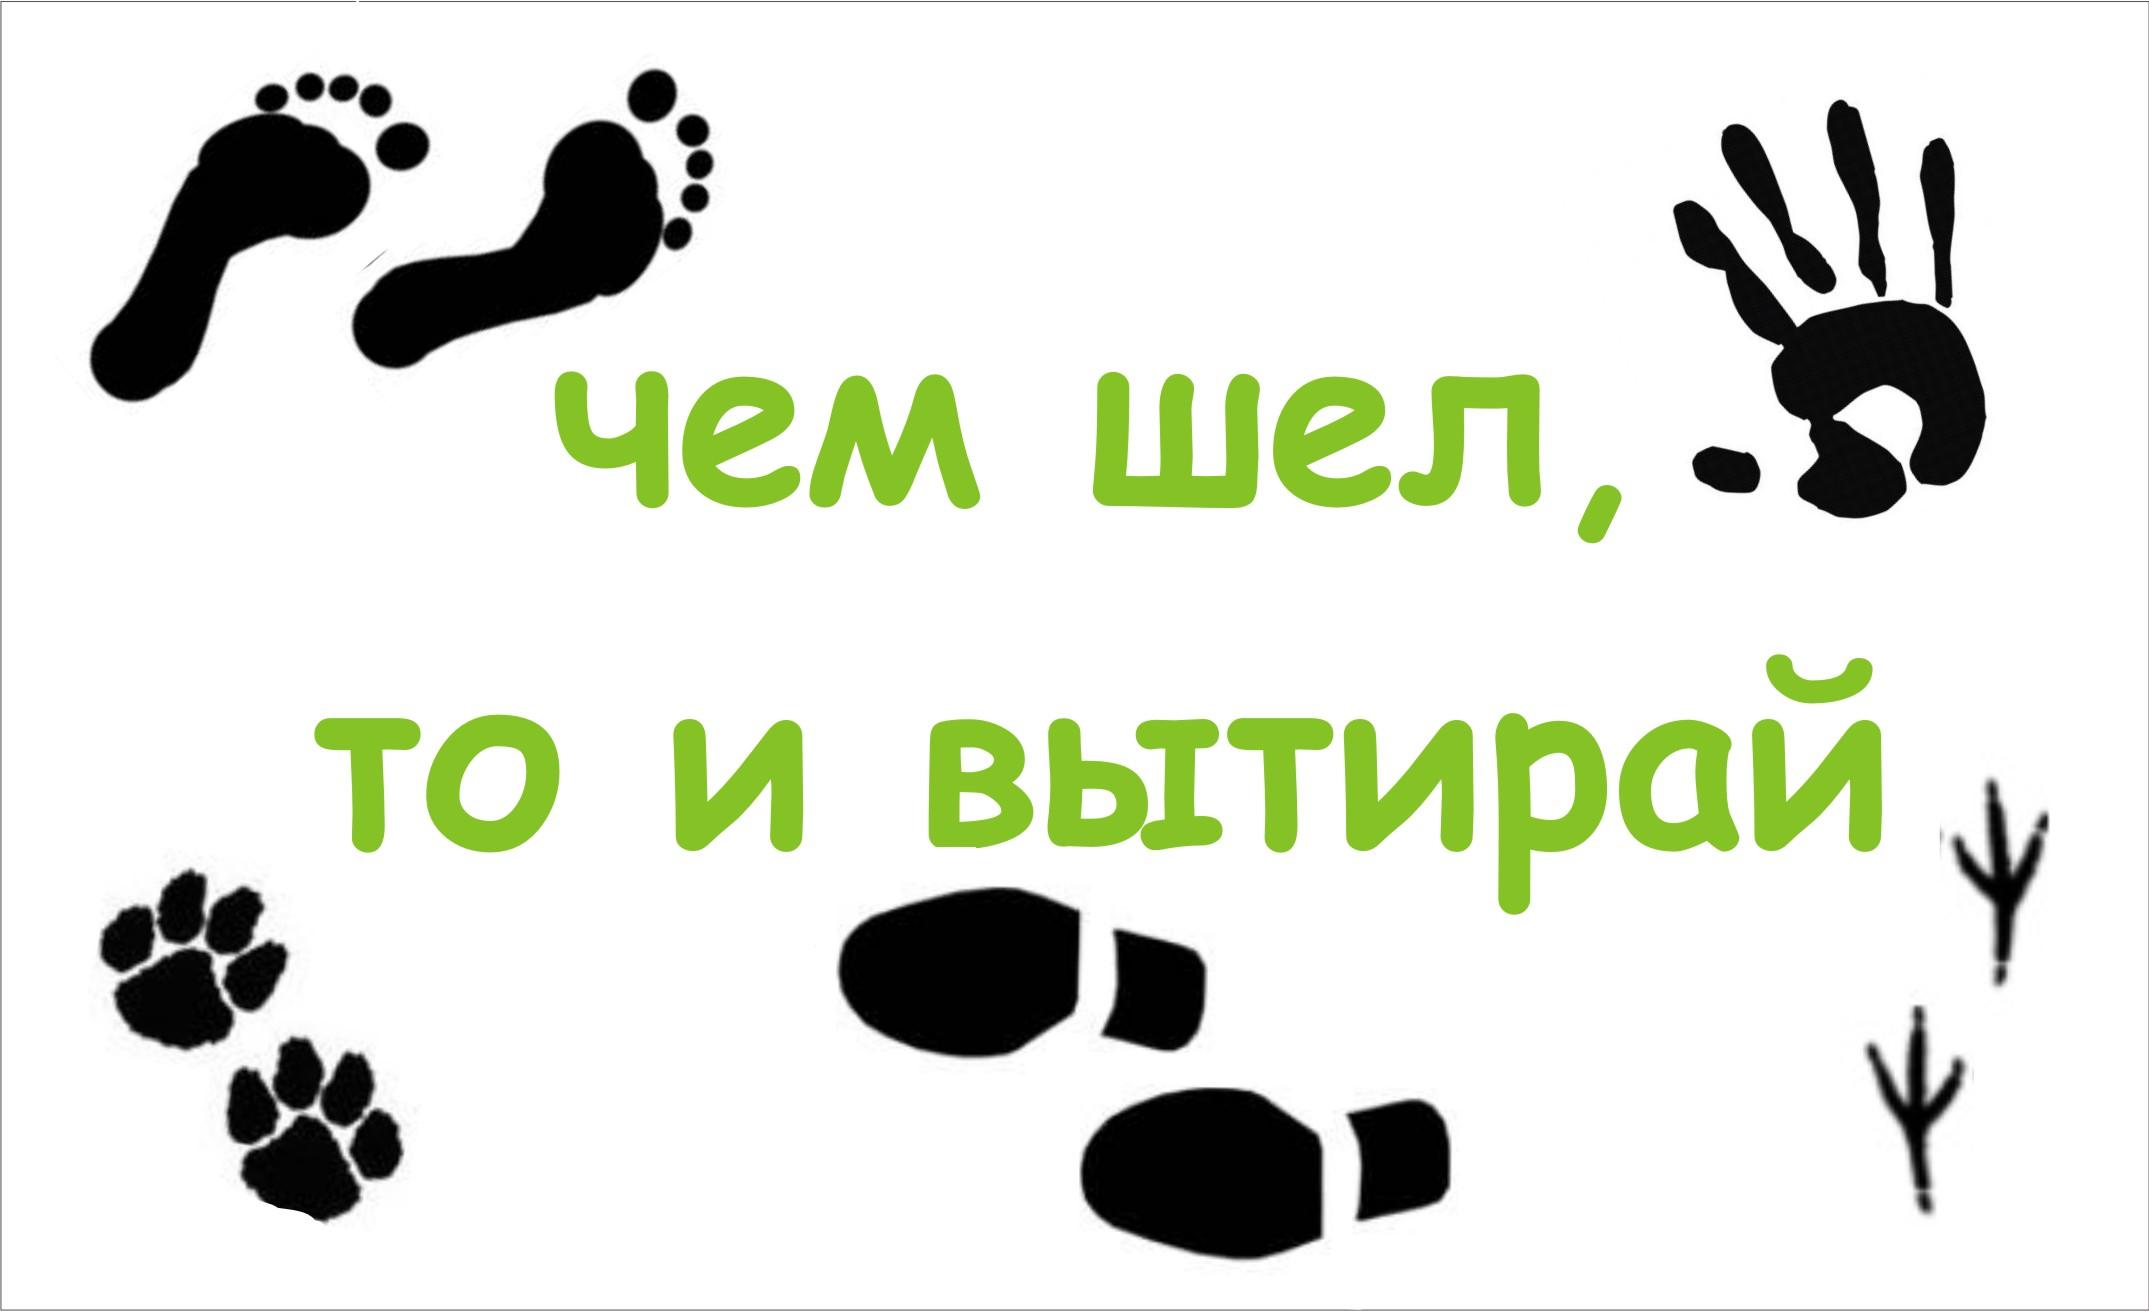 Сделать дизайн приддверного коврика фото f_463558931966133c.jpg